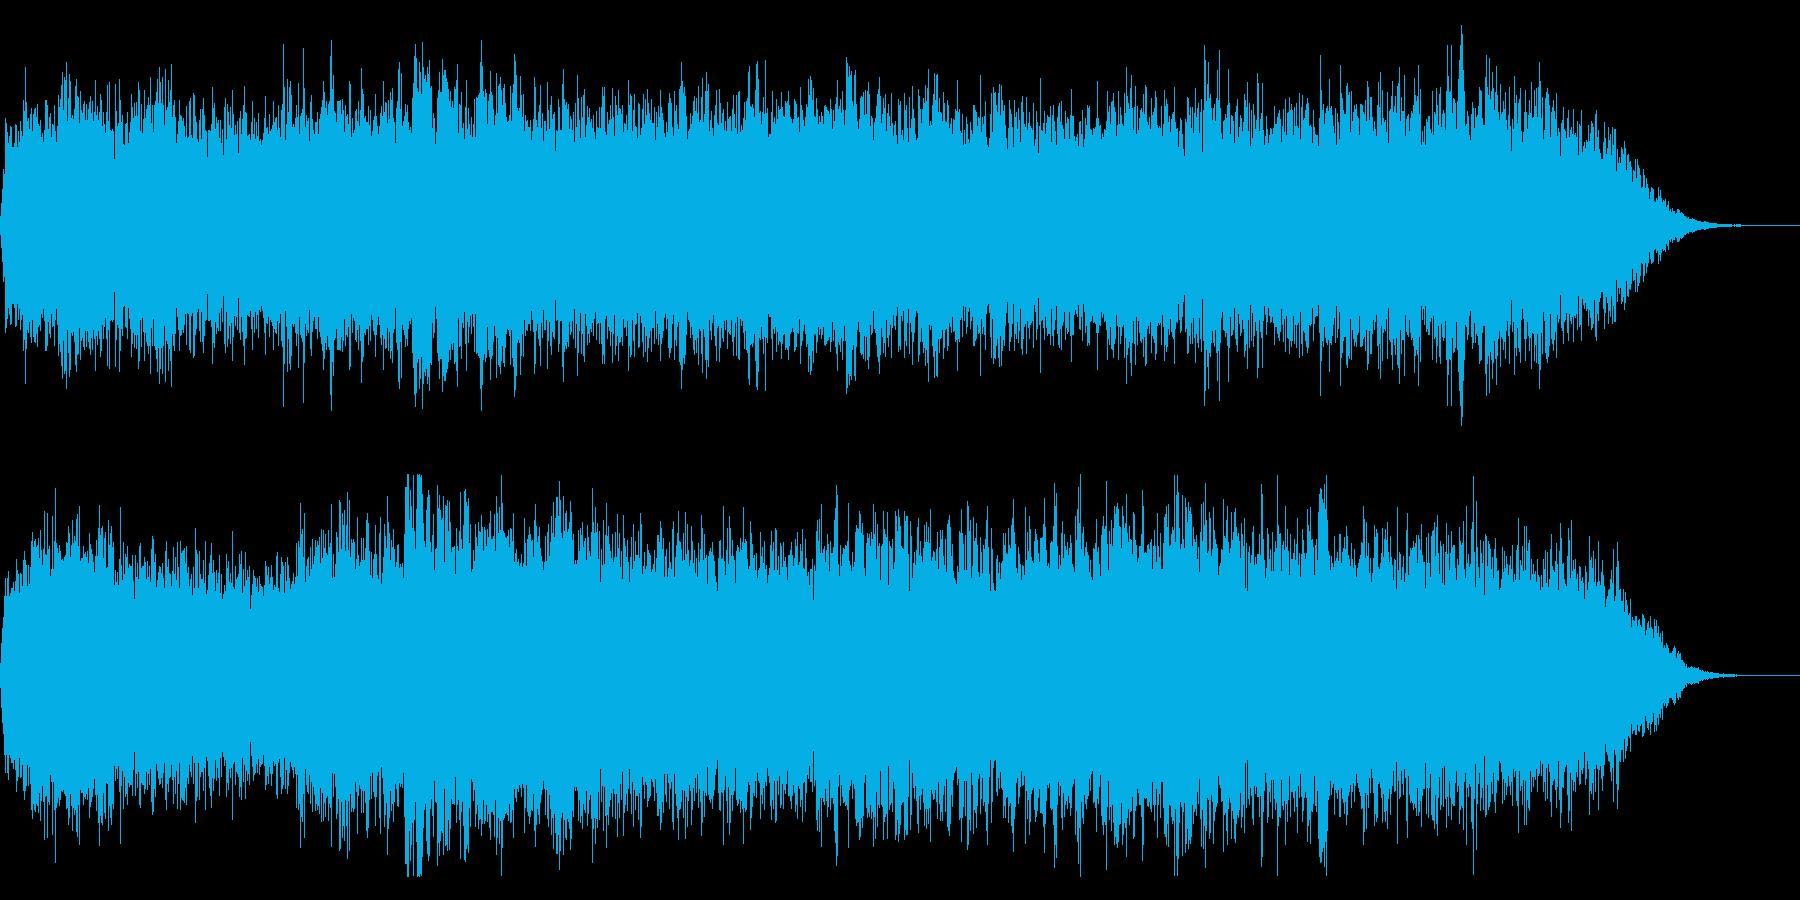 Dark_ホラーで怪しく神秘的-20_Sの再生済みの波形